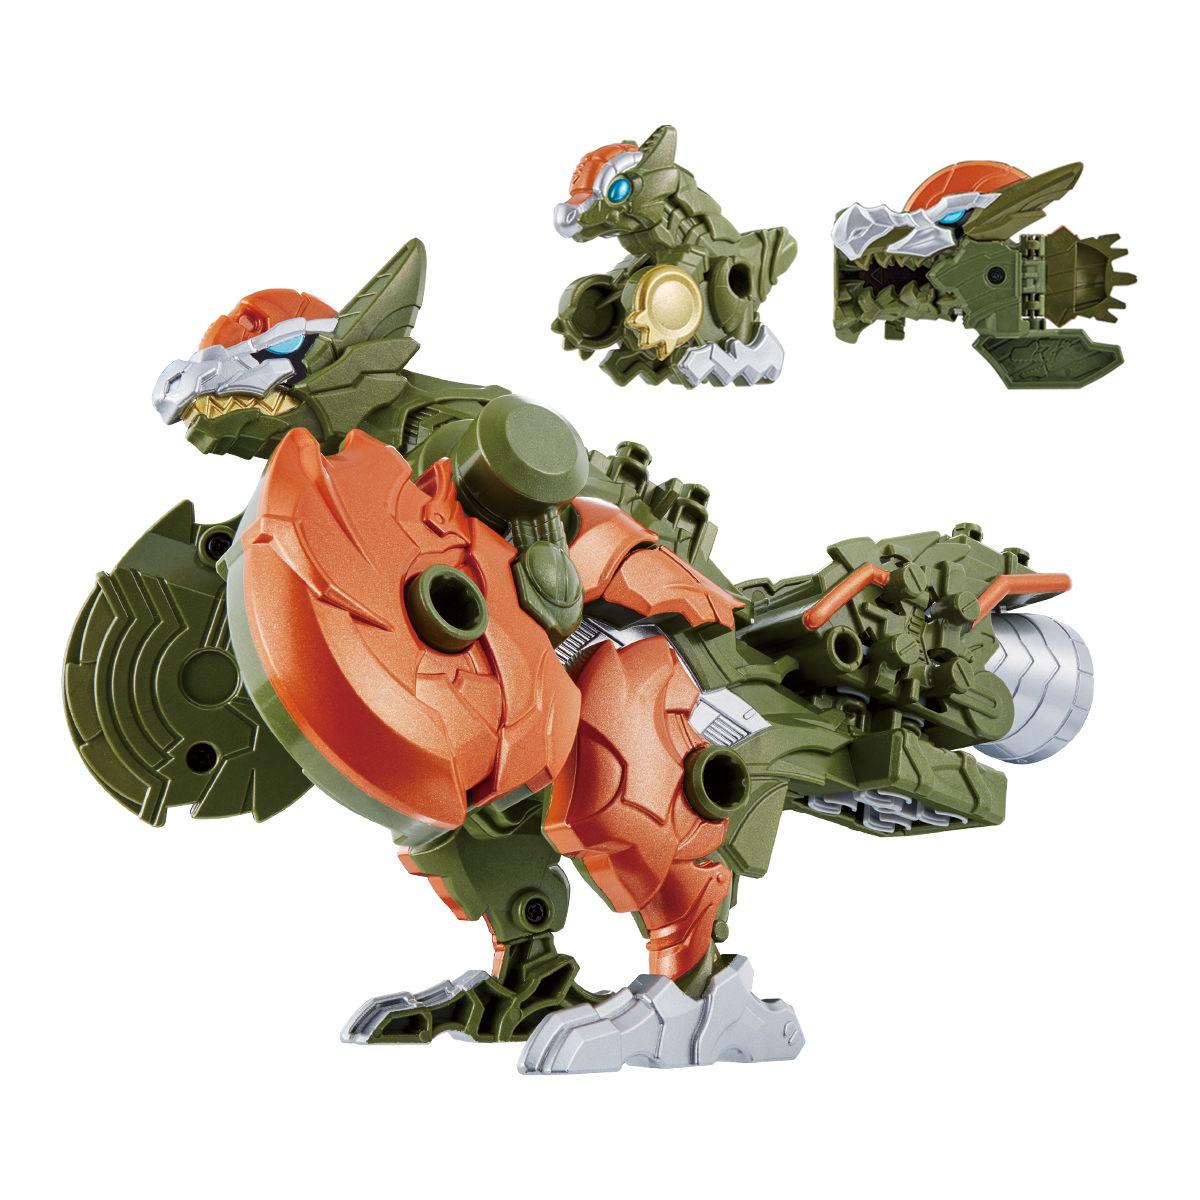 騎士竜戦隊リュウソウジャー『騎士竜シリーズ10 DXパキガルー』可変可動フィギュア-002